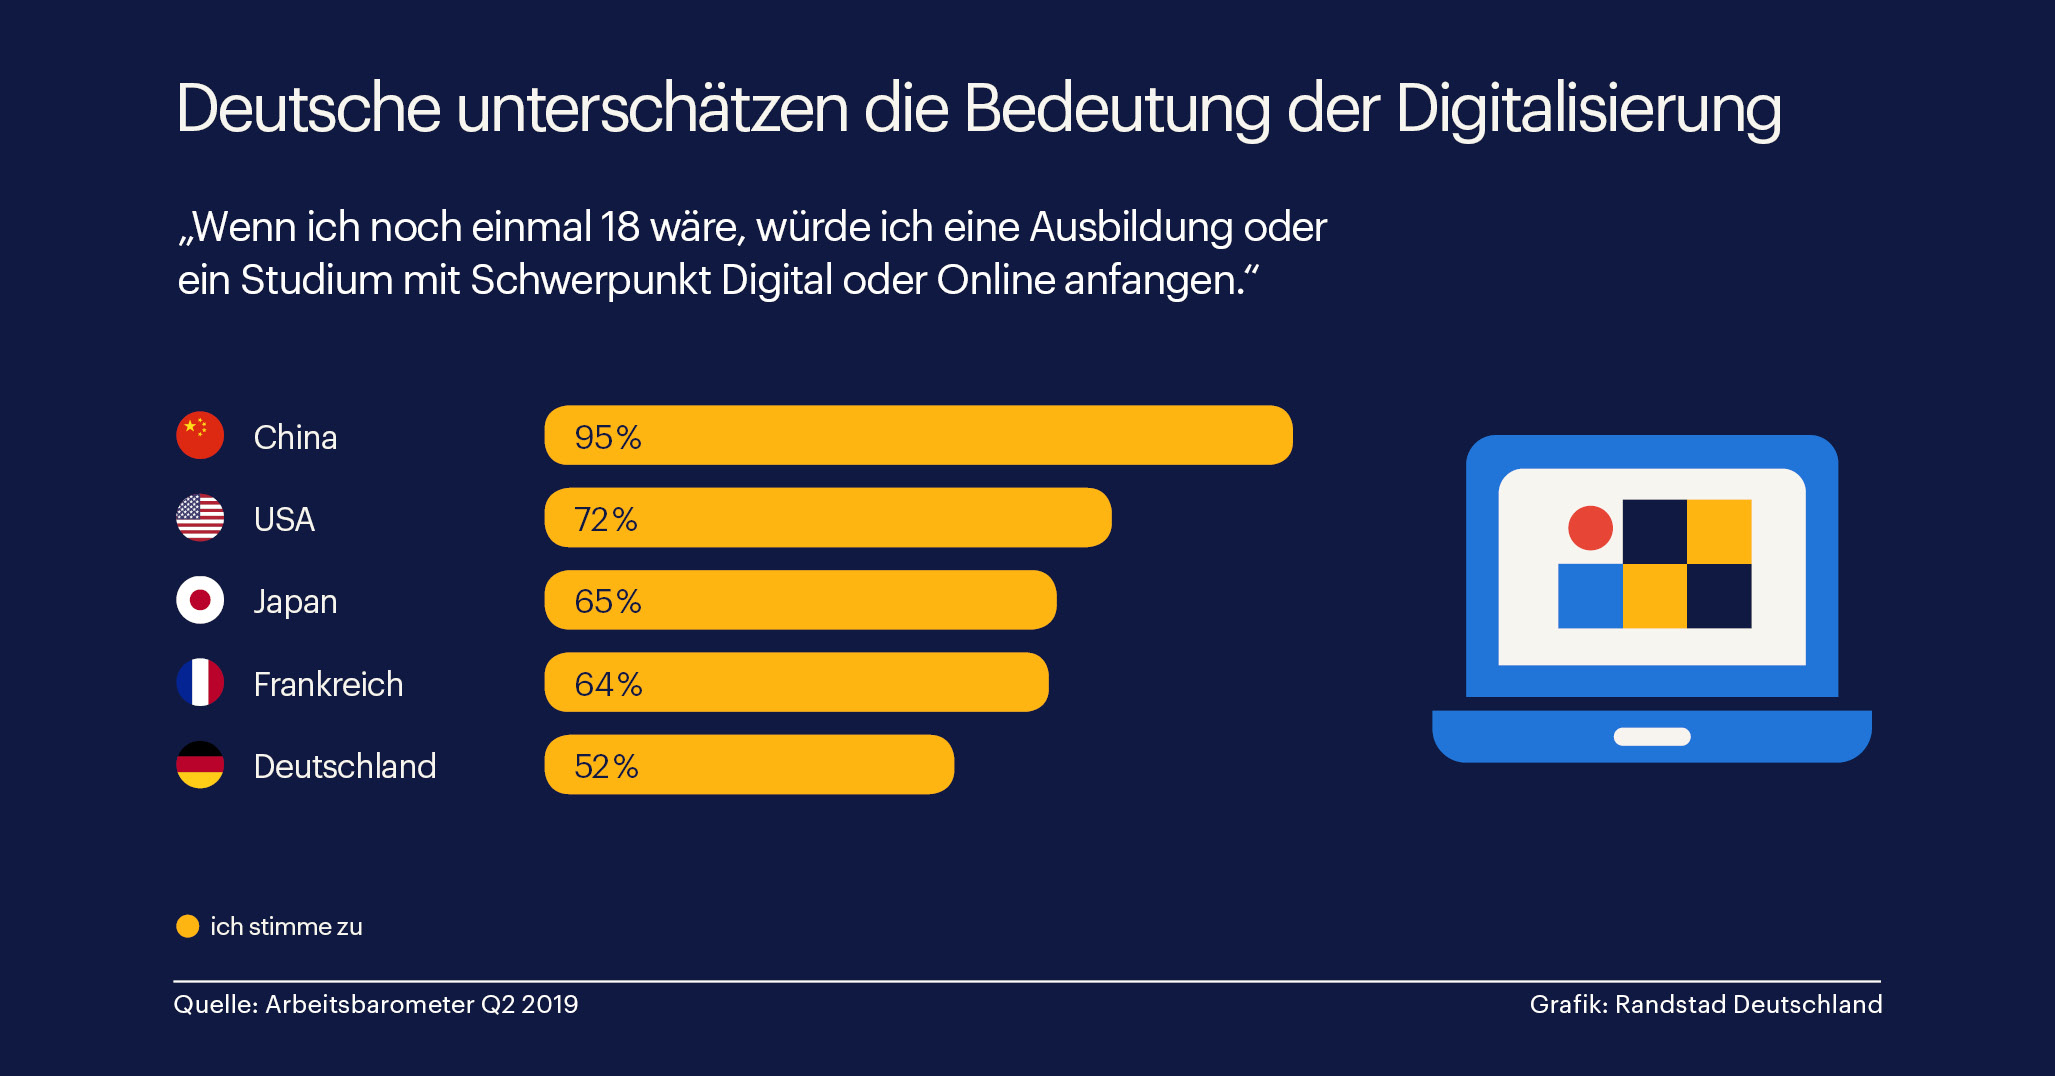 Alle würden was Digitales studieren, nur die Deutschen nicht